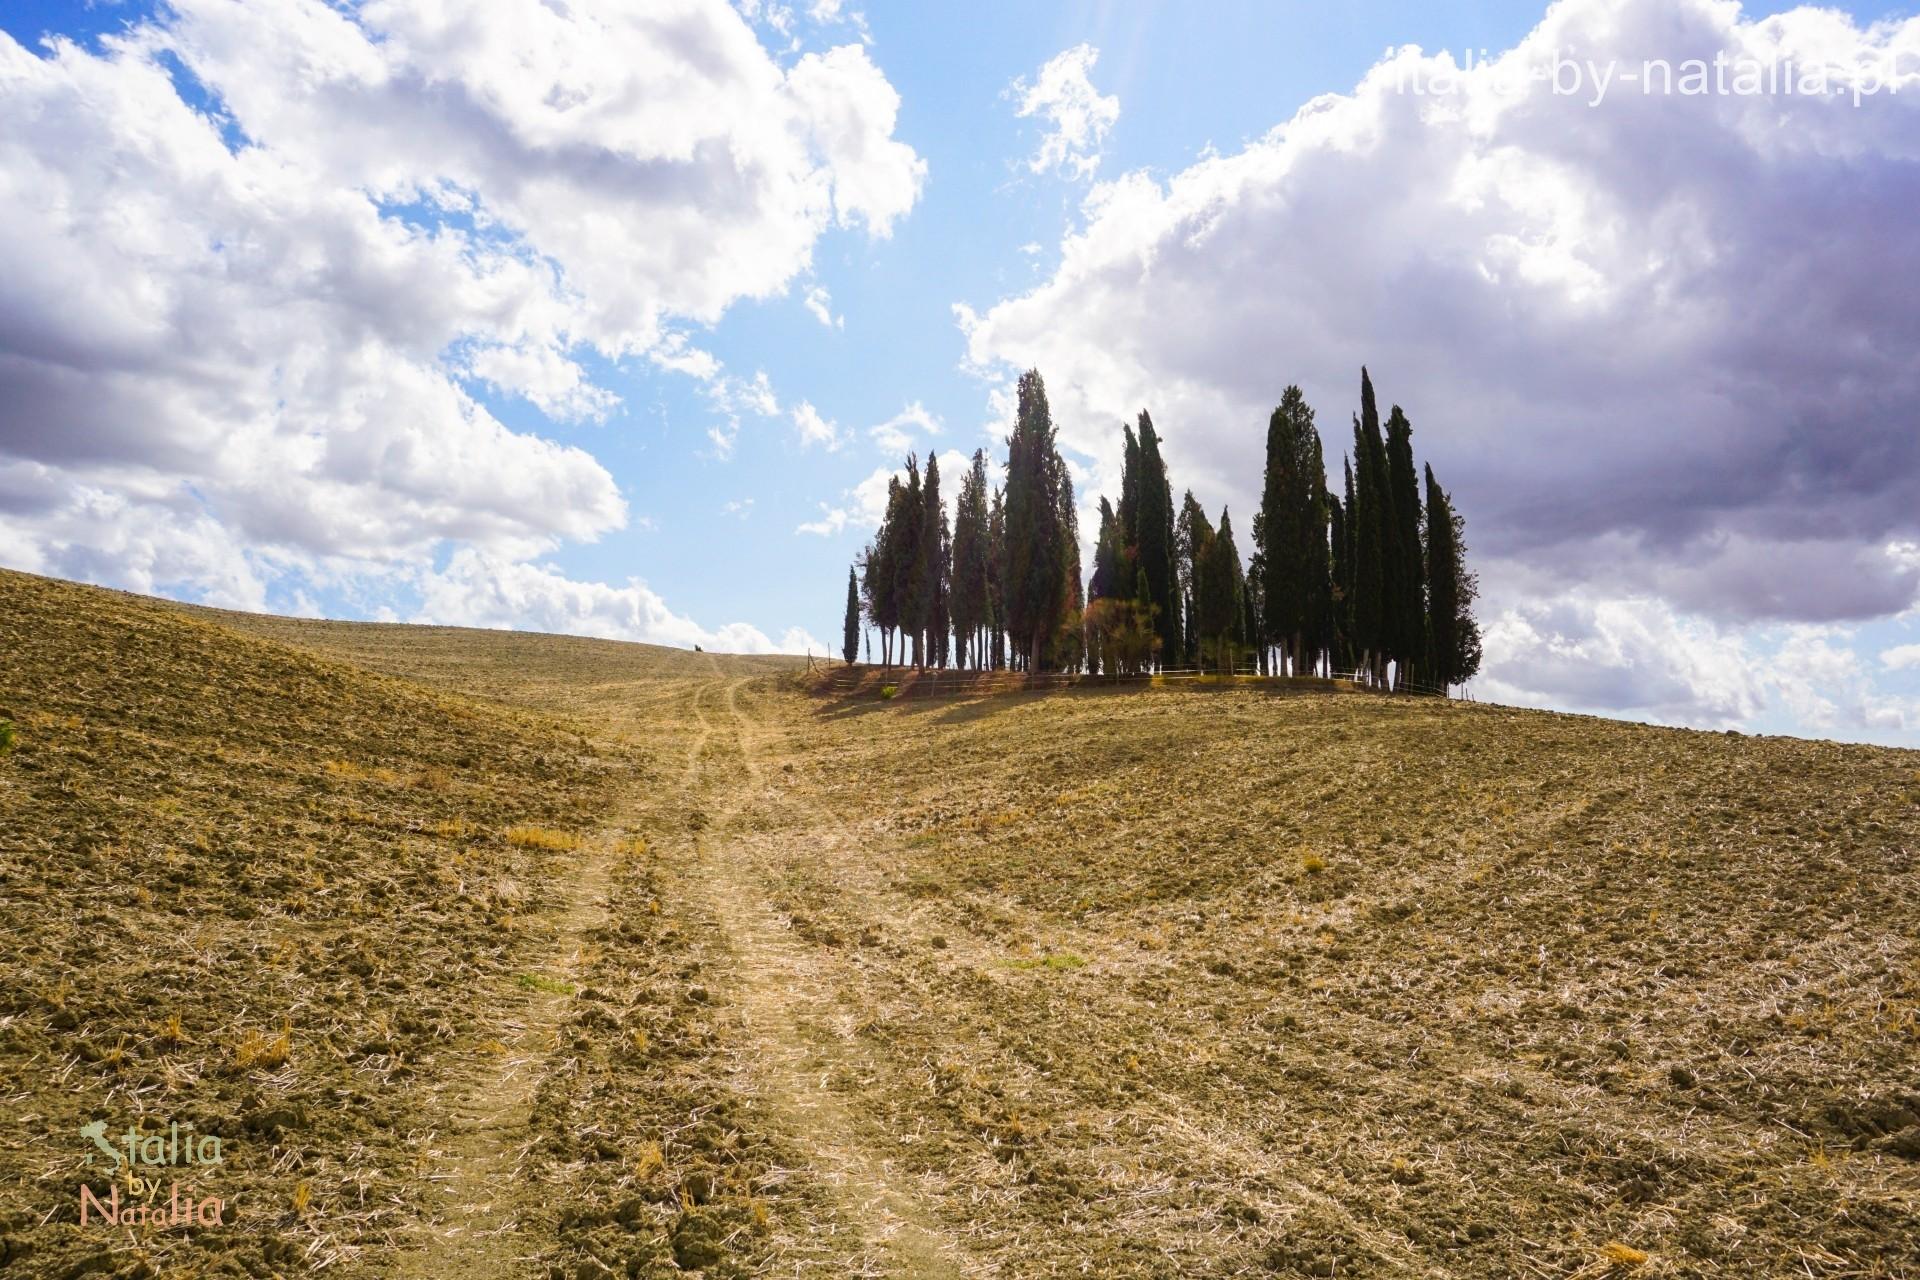 Samotna kępa cyprysów przy drodze do Montalcino punkt widokowy w Toskanii